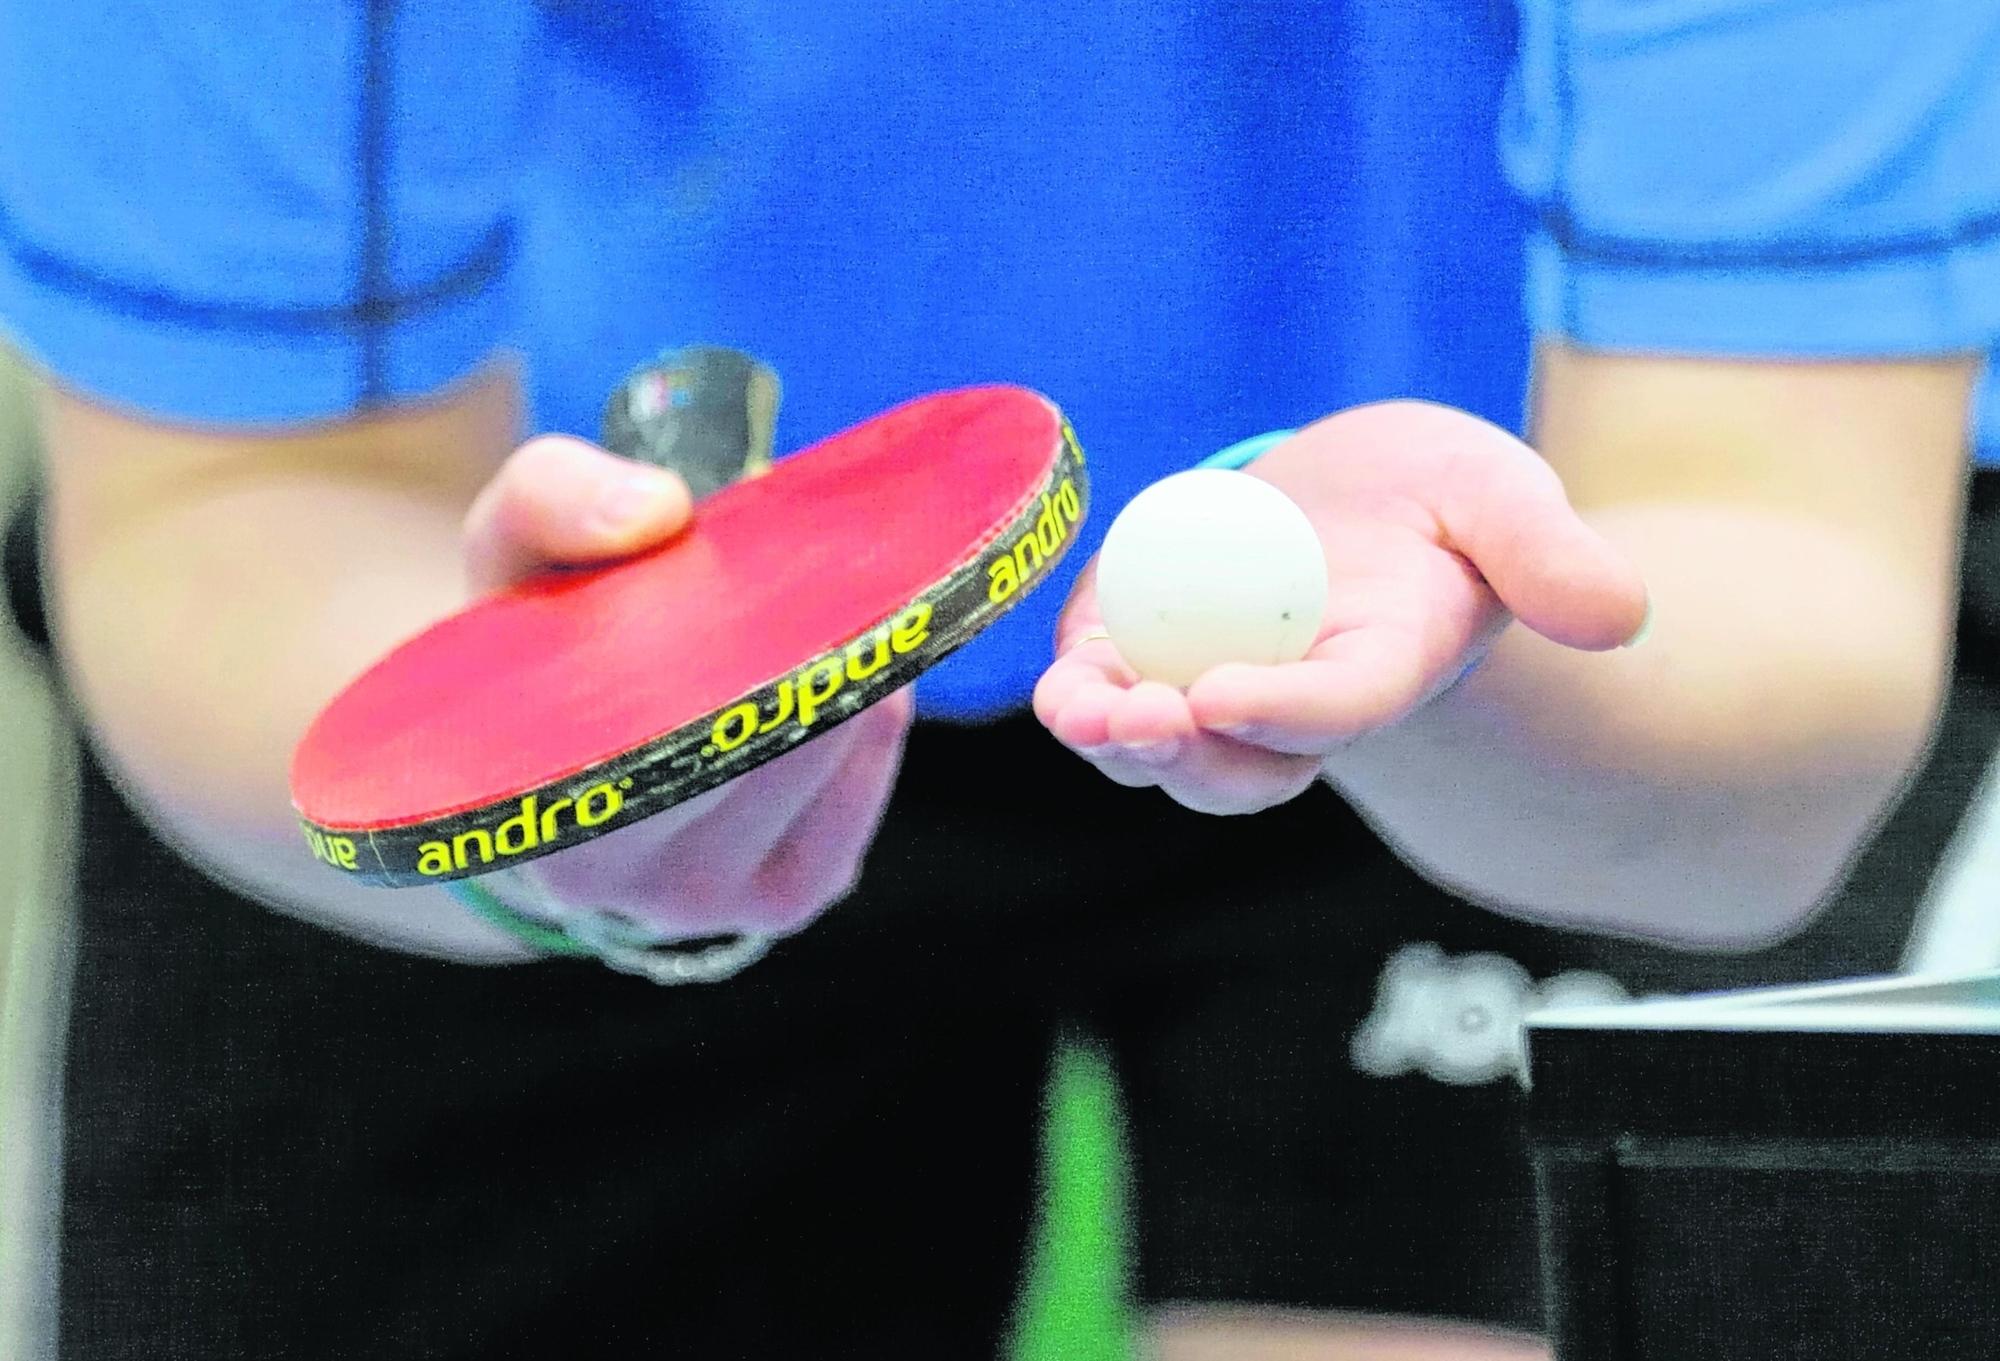 Die erste Jugendmannschaft in der Tischtennis-Abteilung hat gegen MTG Mannheim gewonnen, die zweite Jugendmannschaft spielte in Ladenburg unentschieden.